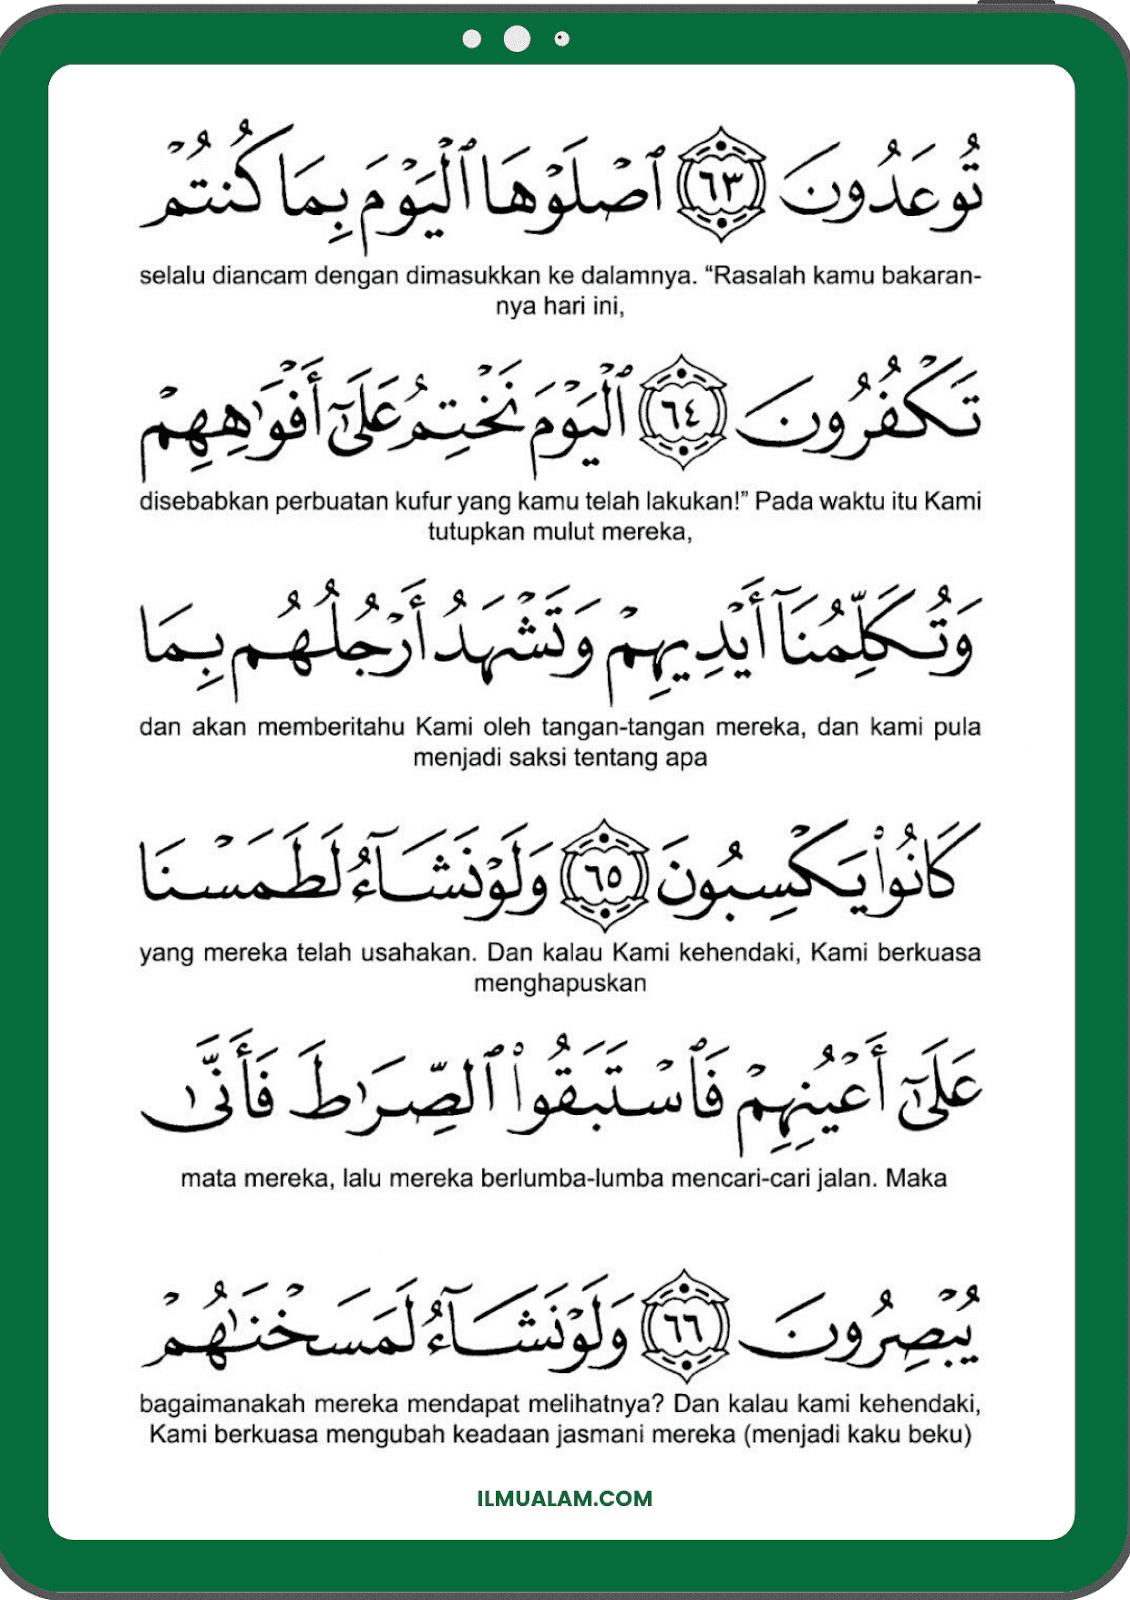 bacaan ayat 63 sehingga 66